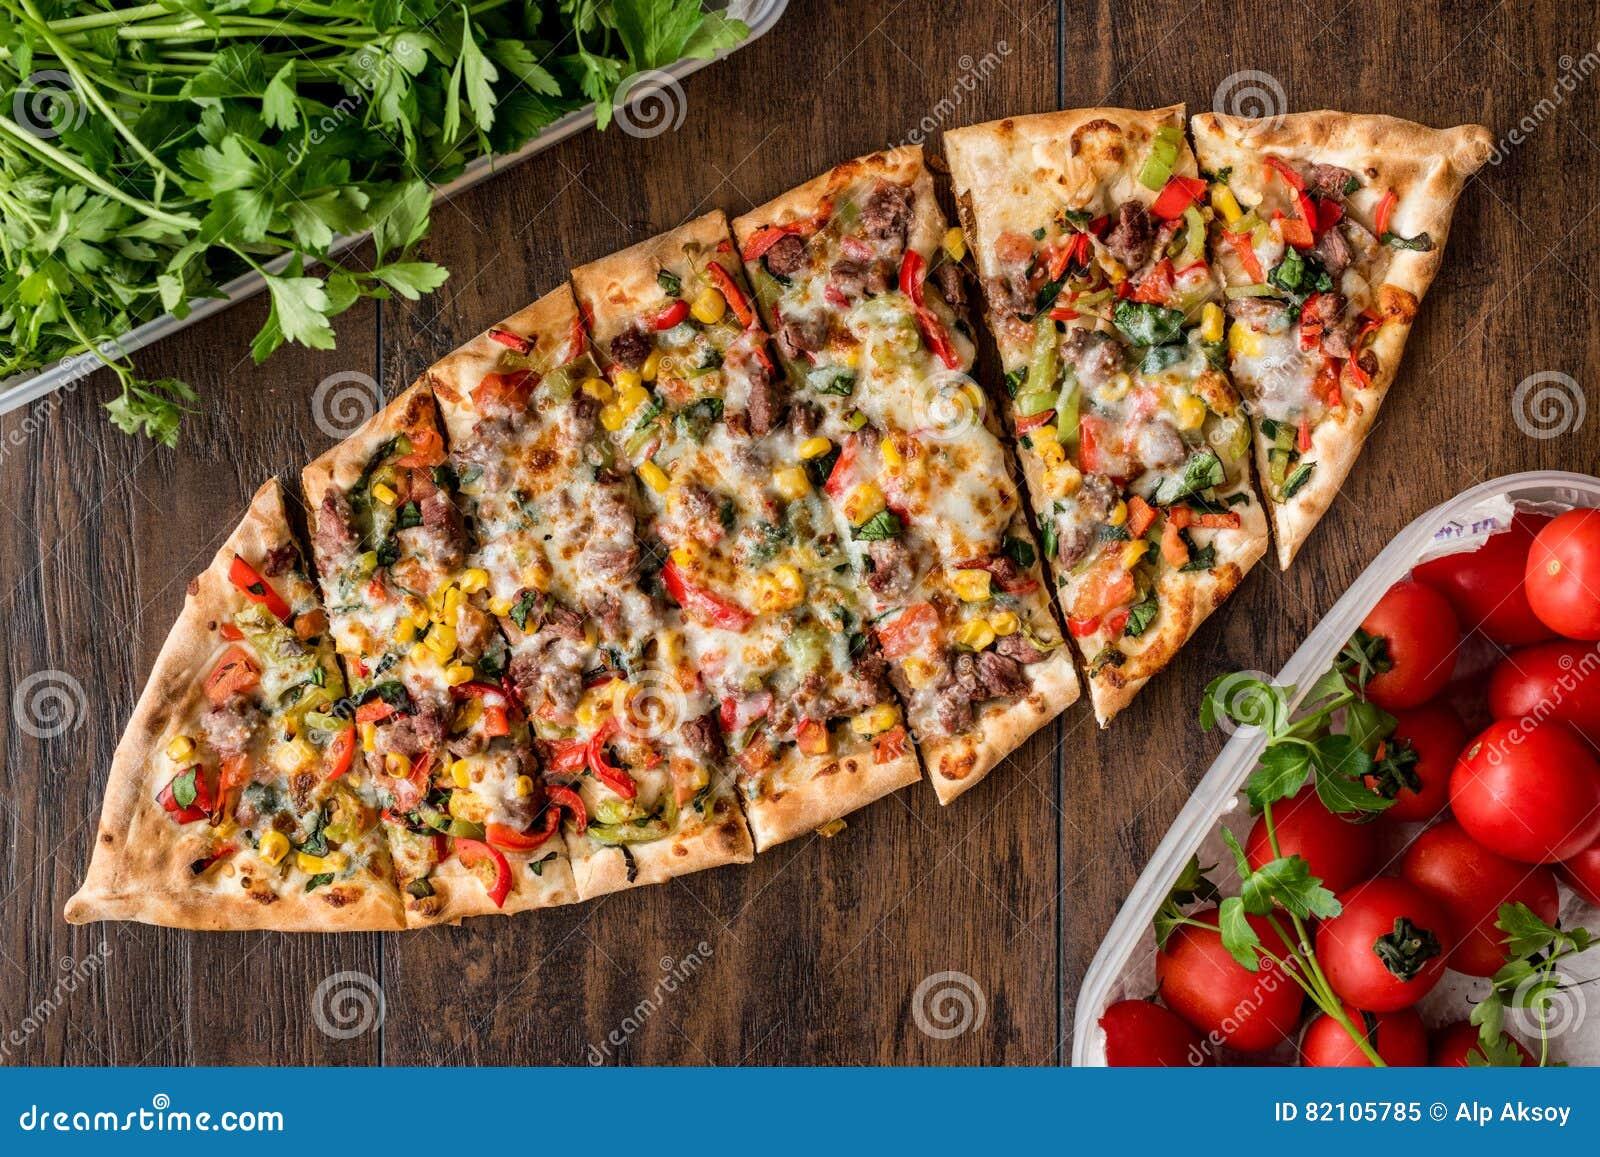 Turecczyzna Pide z mięsem i warzywami